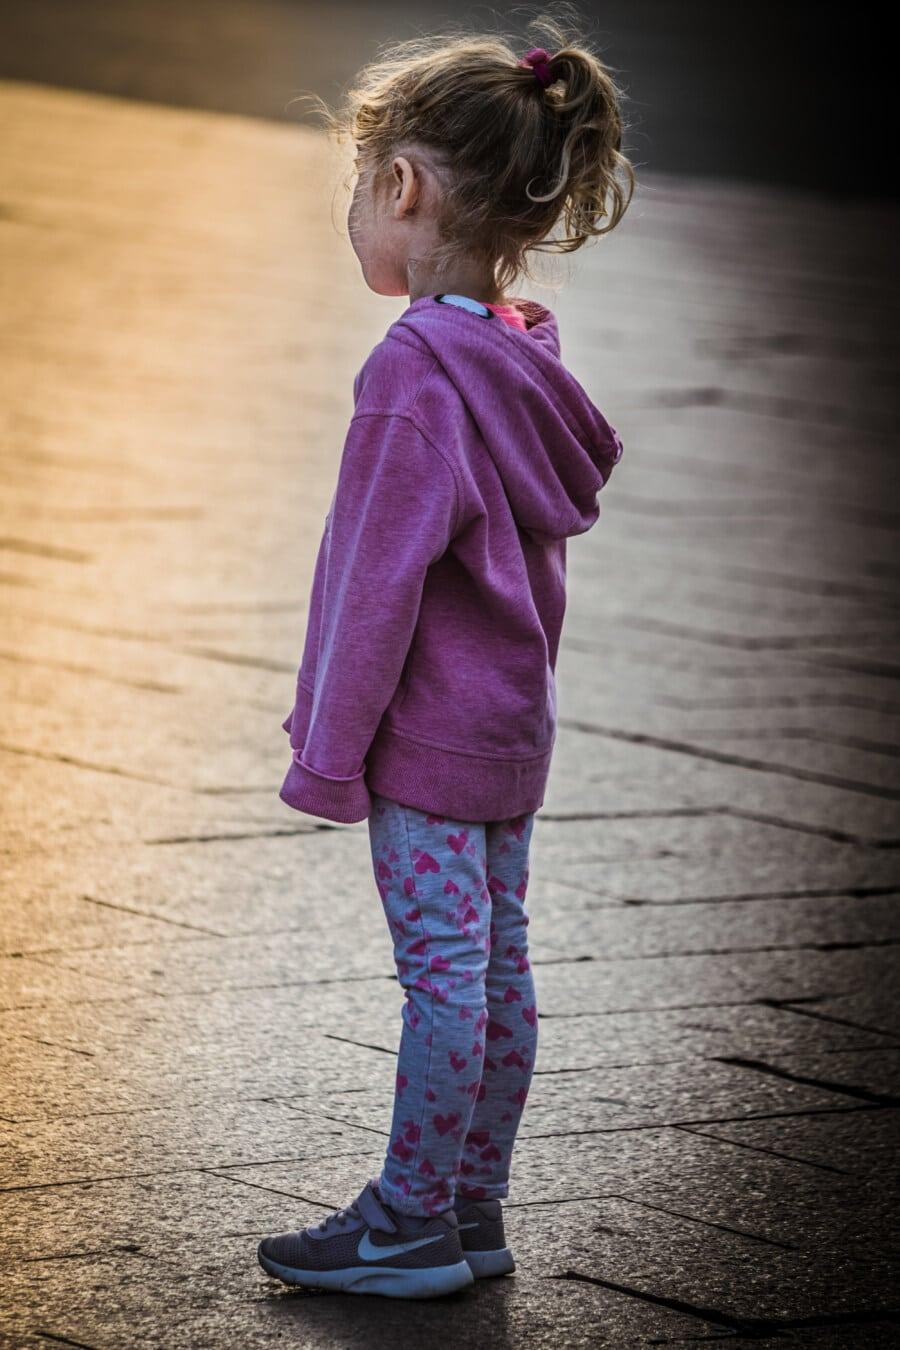 Schulkind, junge, stehende, Mädchen, Unschuld, Seitenansicht, Porträt, untergeordnete, Straße, niedlich